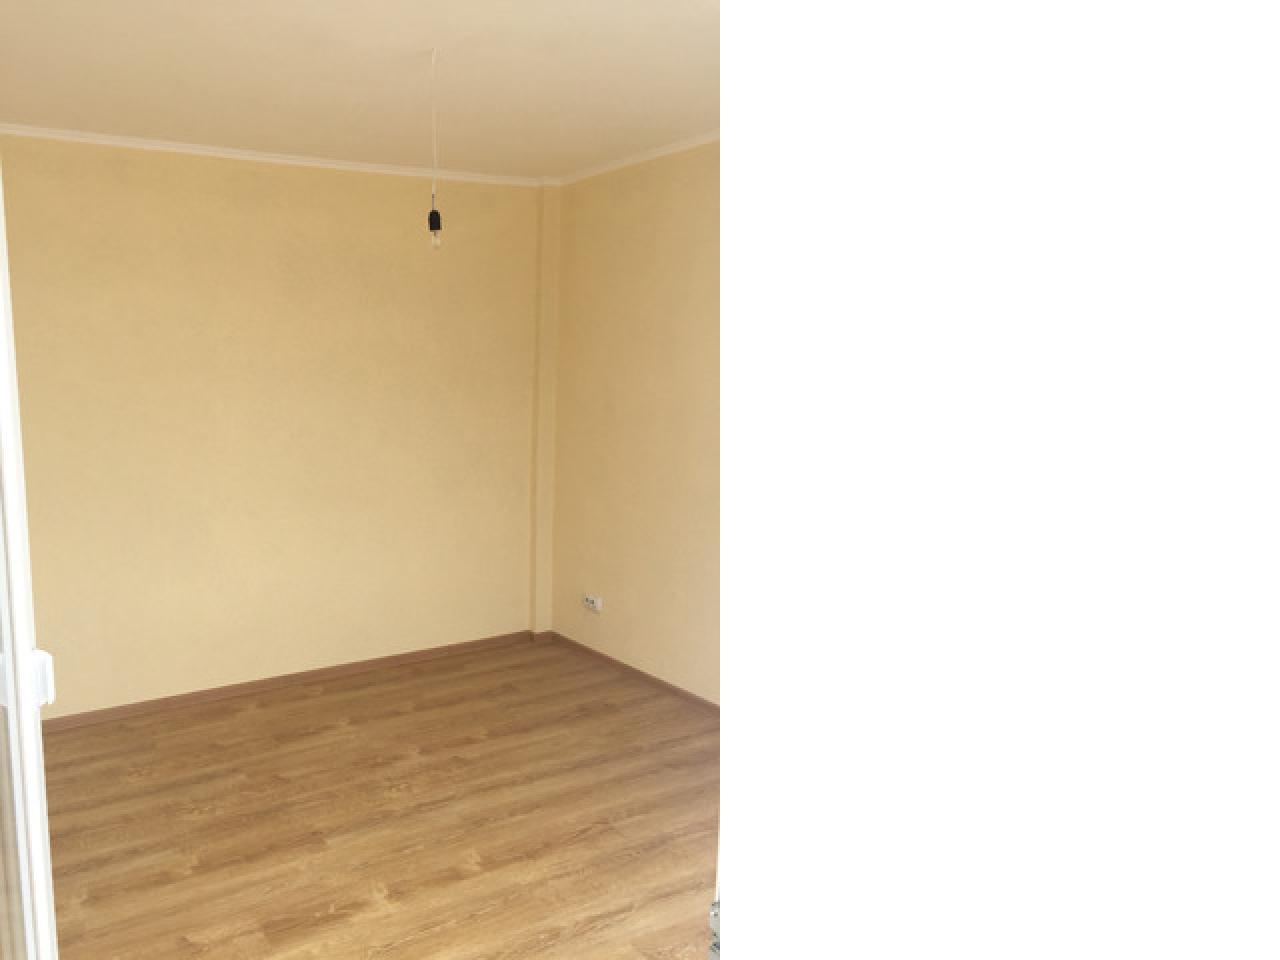 3-х комнатная квартира в Алупке, Крым, РОССИЯ  цена £87,000 Пишите, звоните! - 6